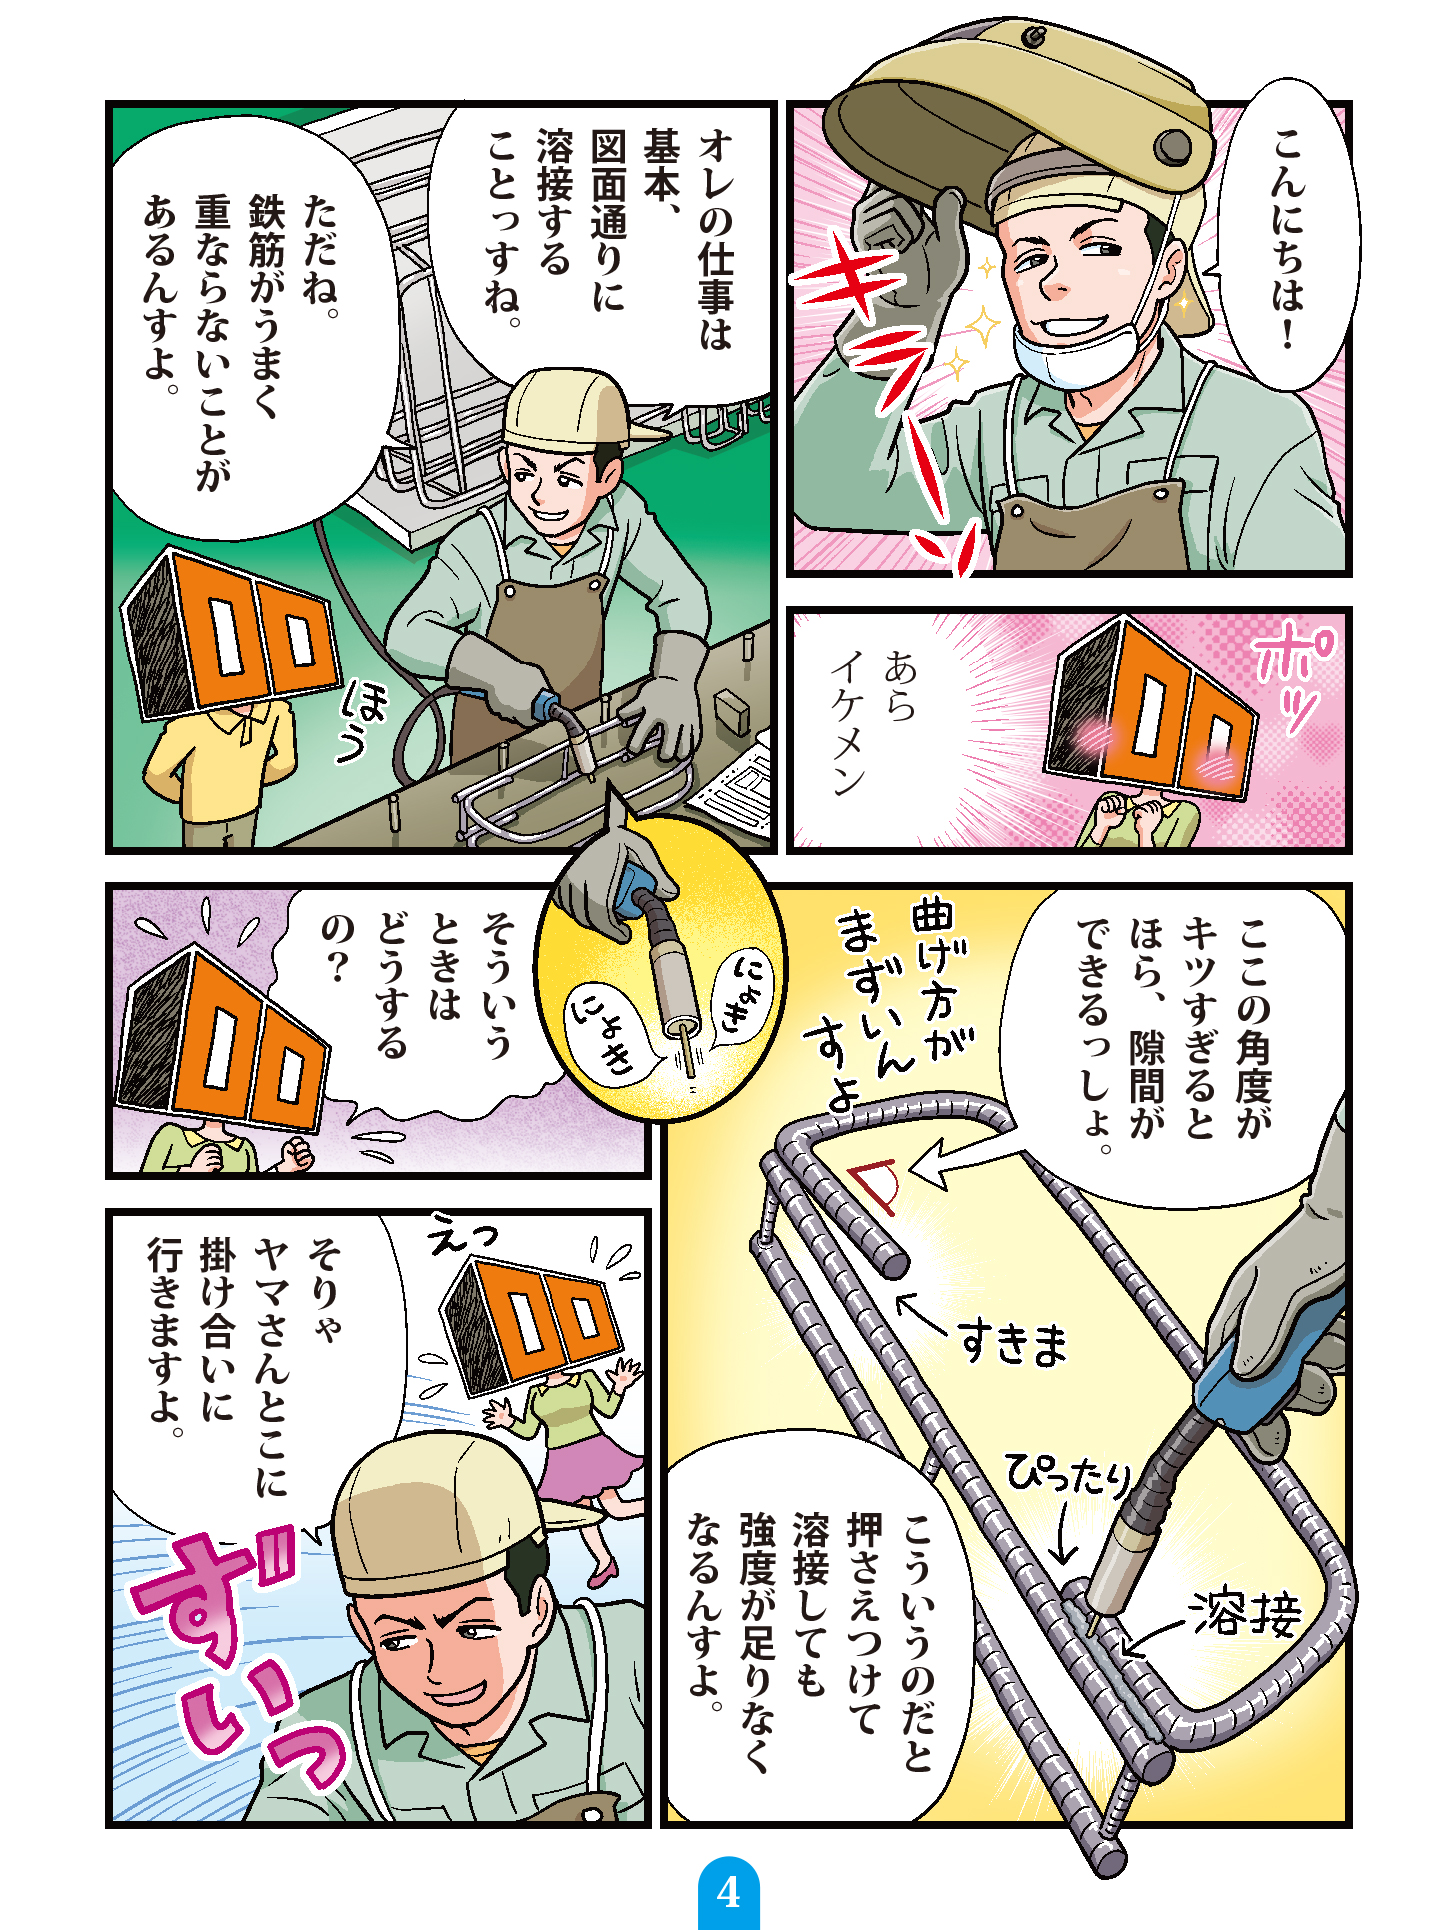 最強職人列伝 第1話 曲げる職人・つなげる職人04